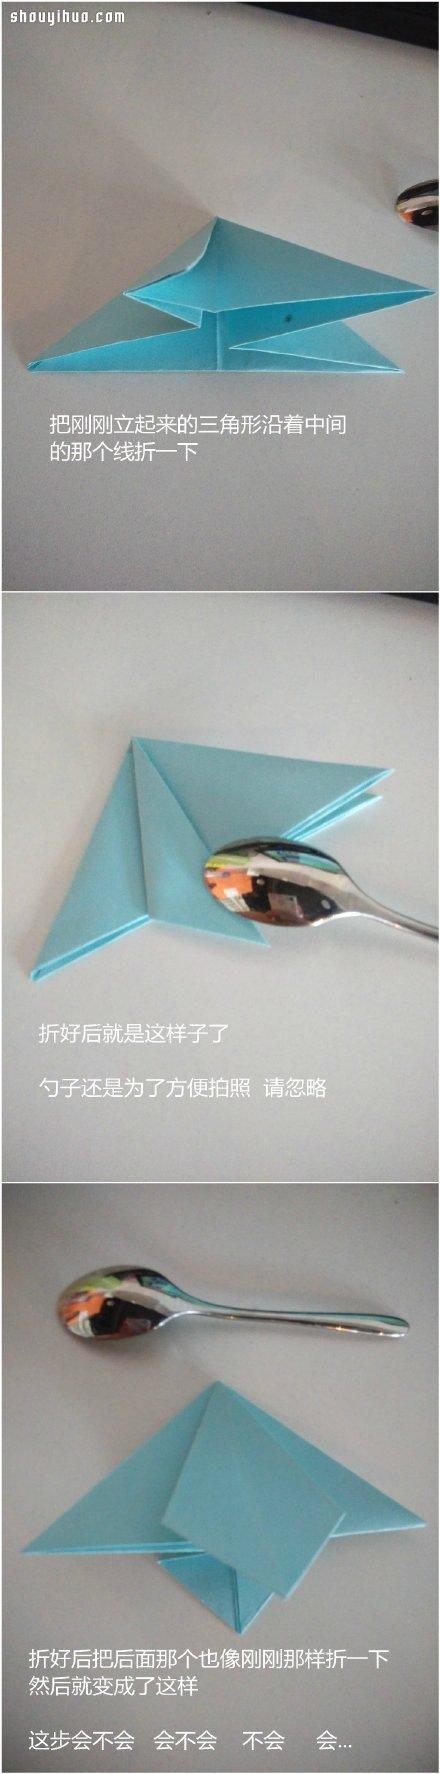 簡單摺紙書籤的折法 書籤製作方法圖解教學